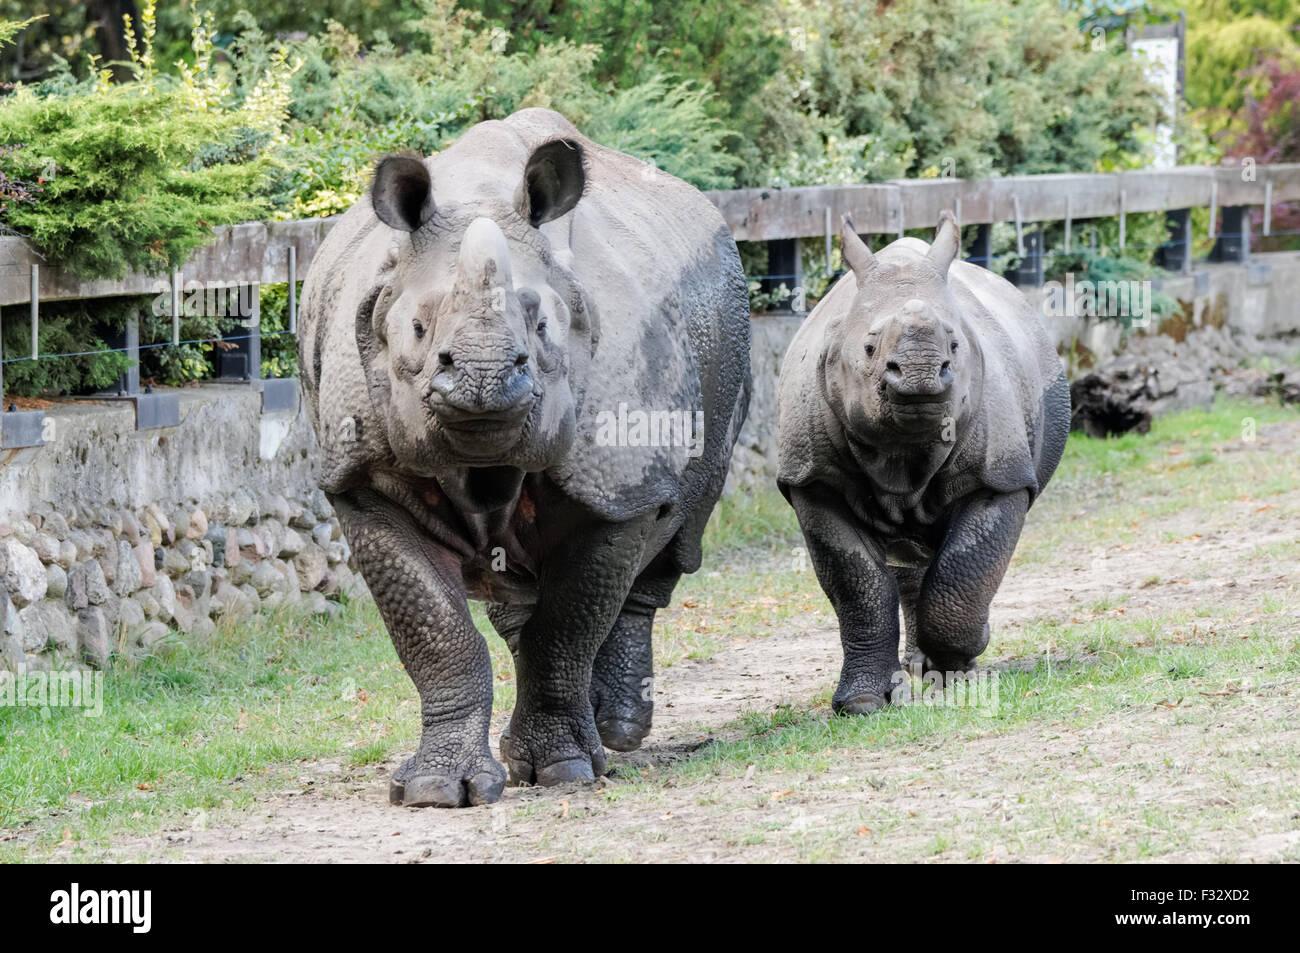 Il rinoceronte indiano (Rhinoceros unicornis) presso lo Zoo di Varsavia, Polonia Immagini Stock